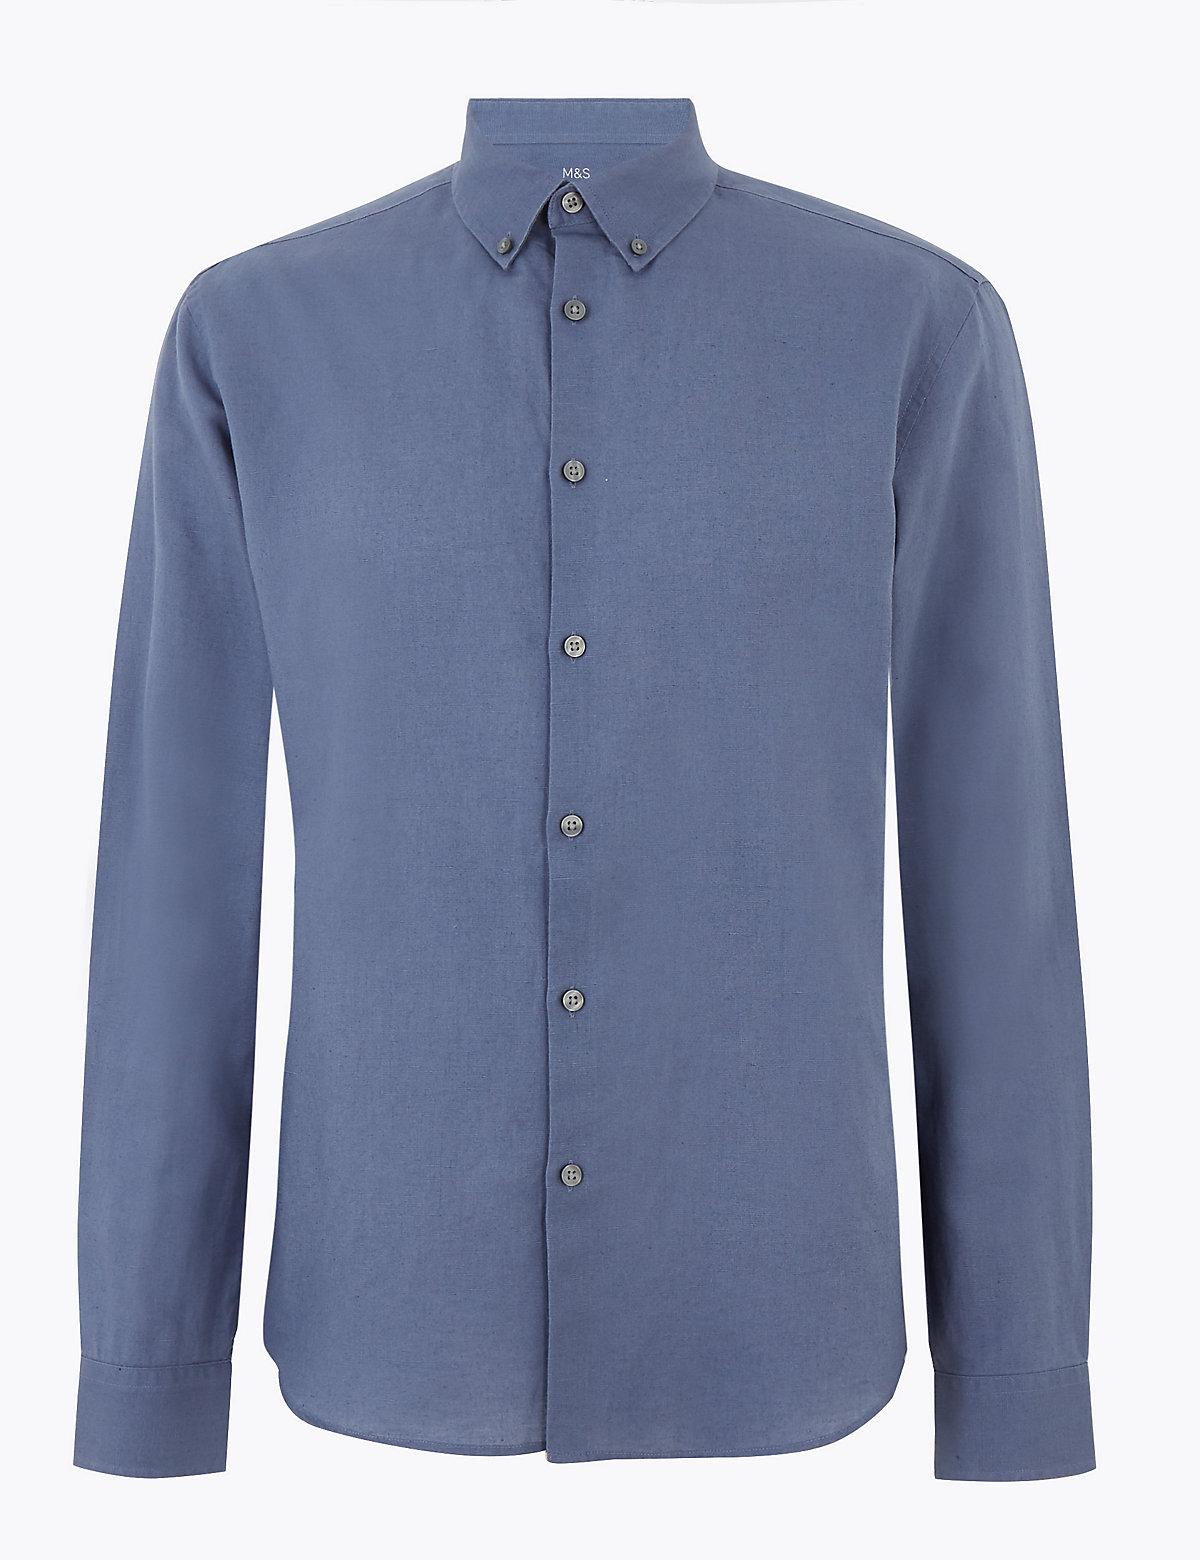 Мужская льняная рубашка с отделкой Easy Iron